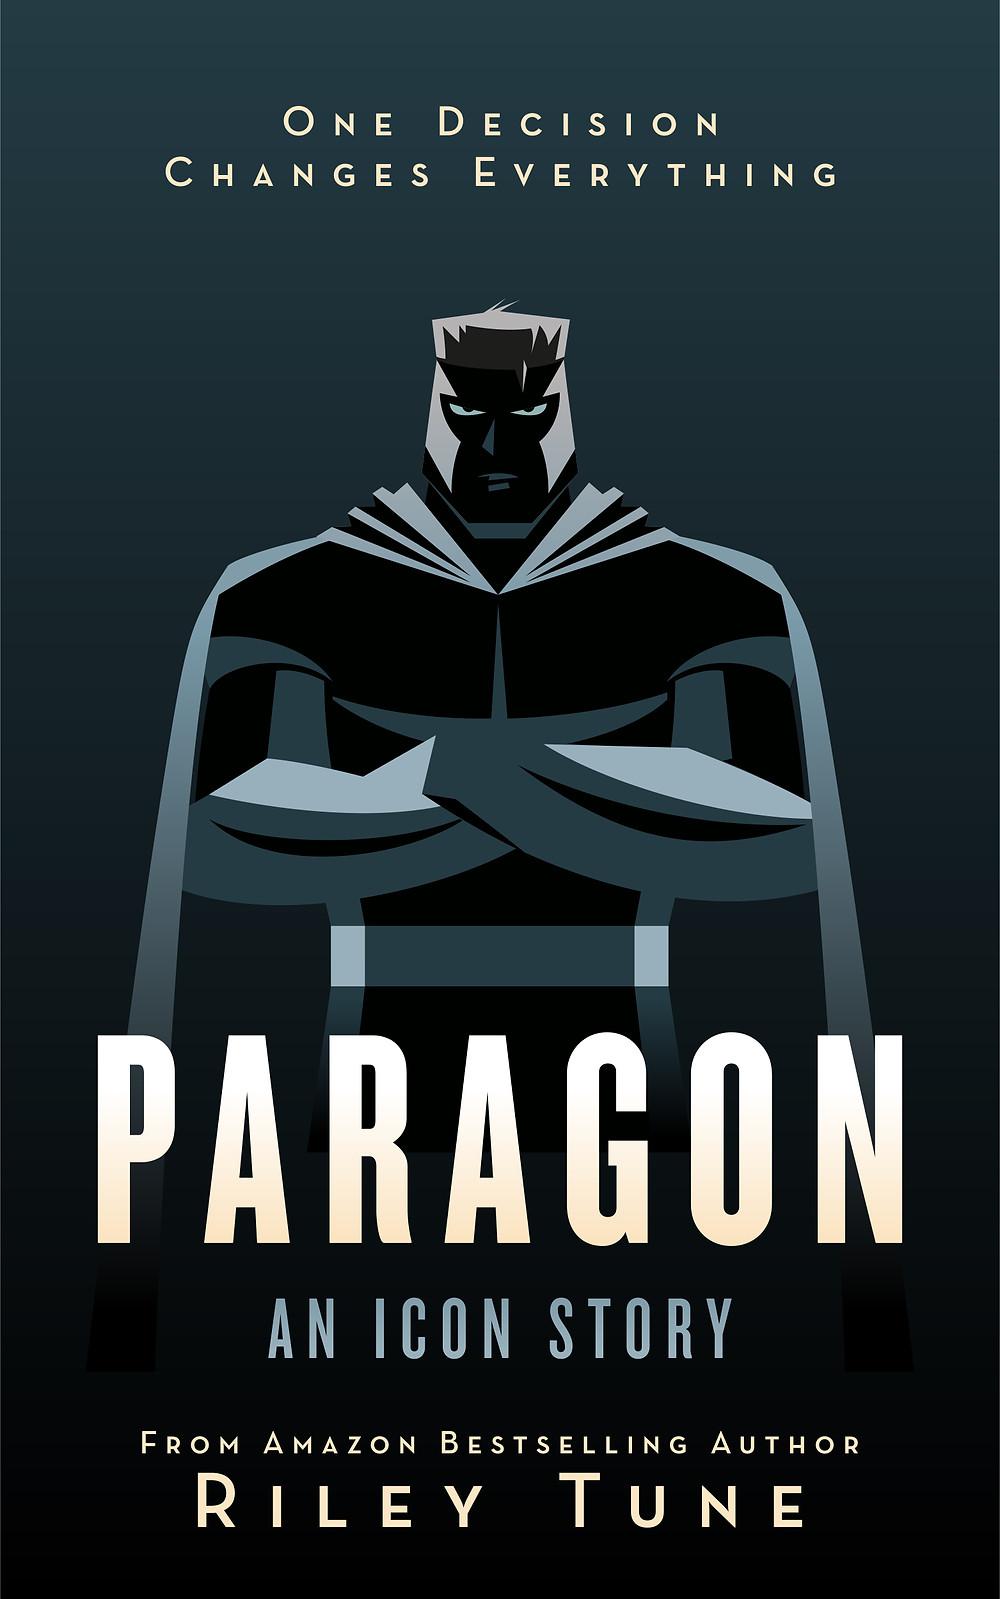 Paragon book cover